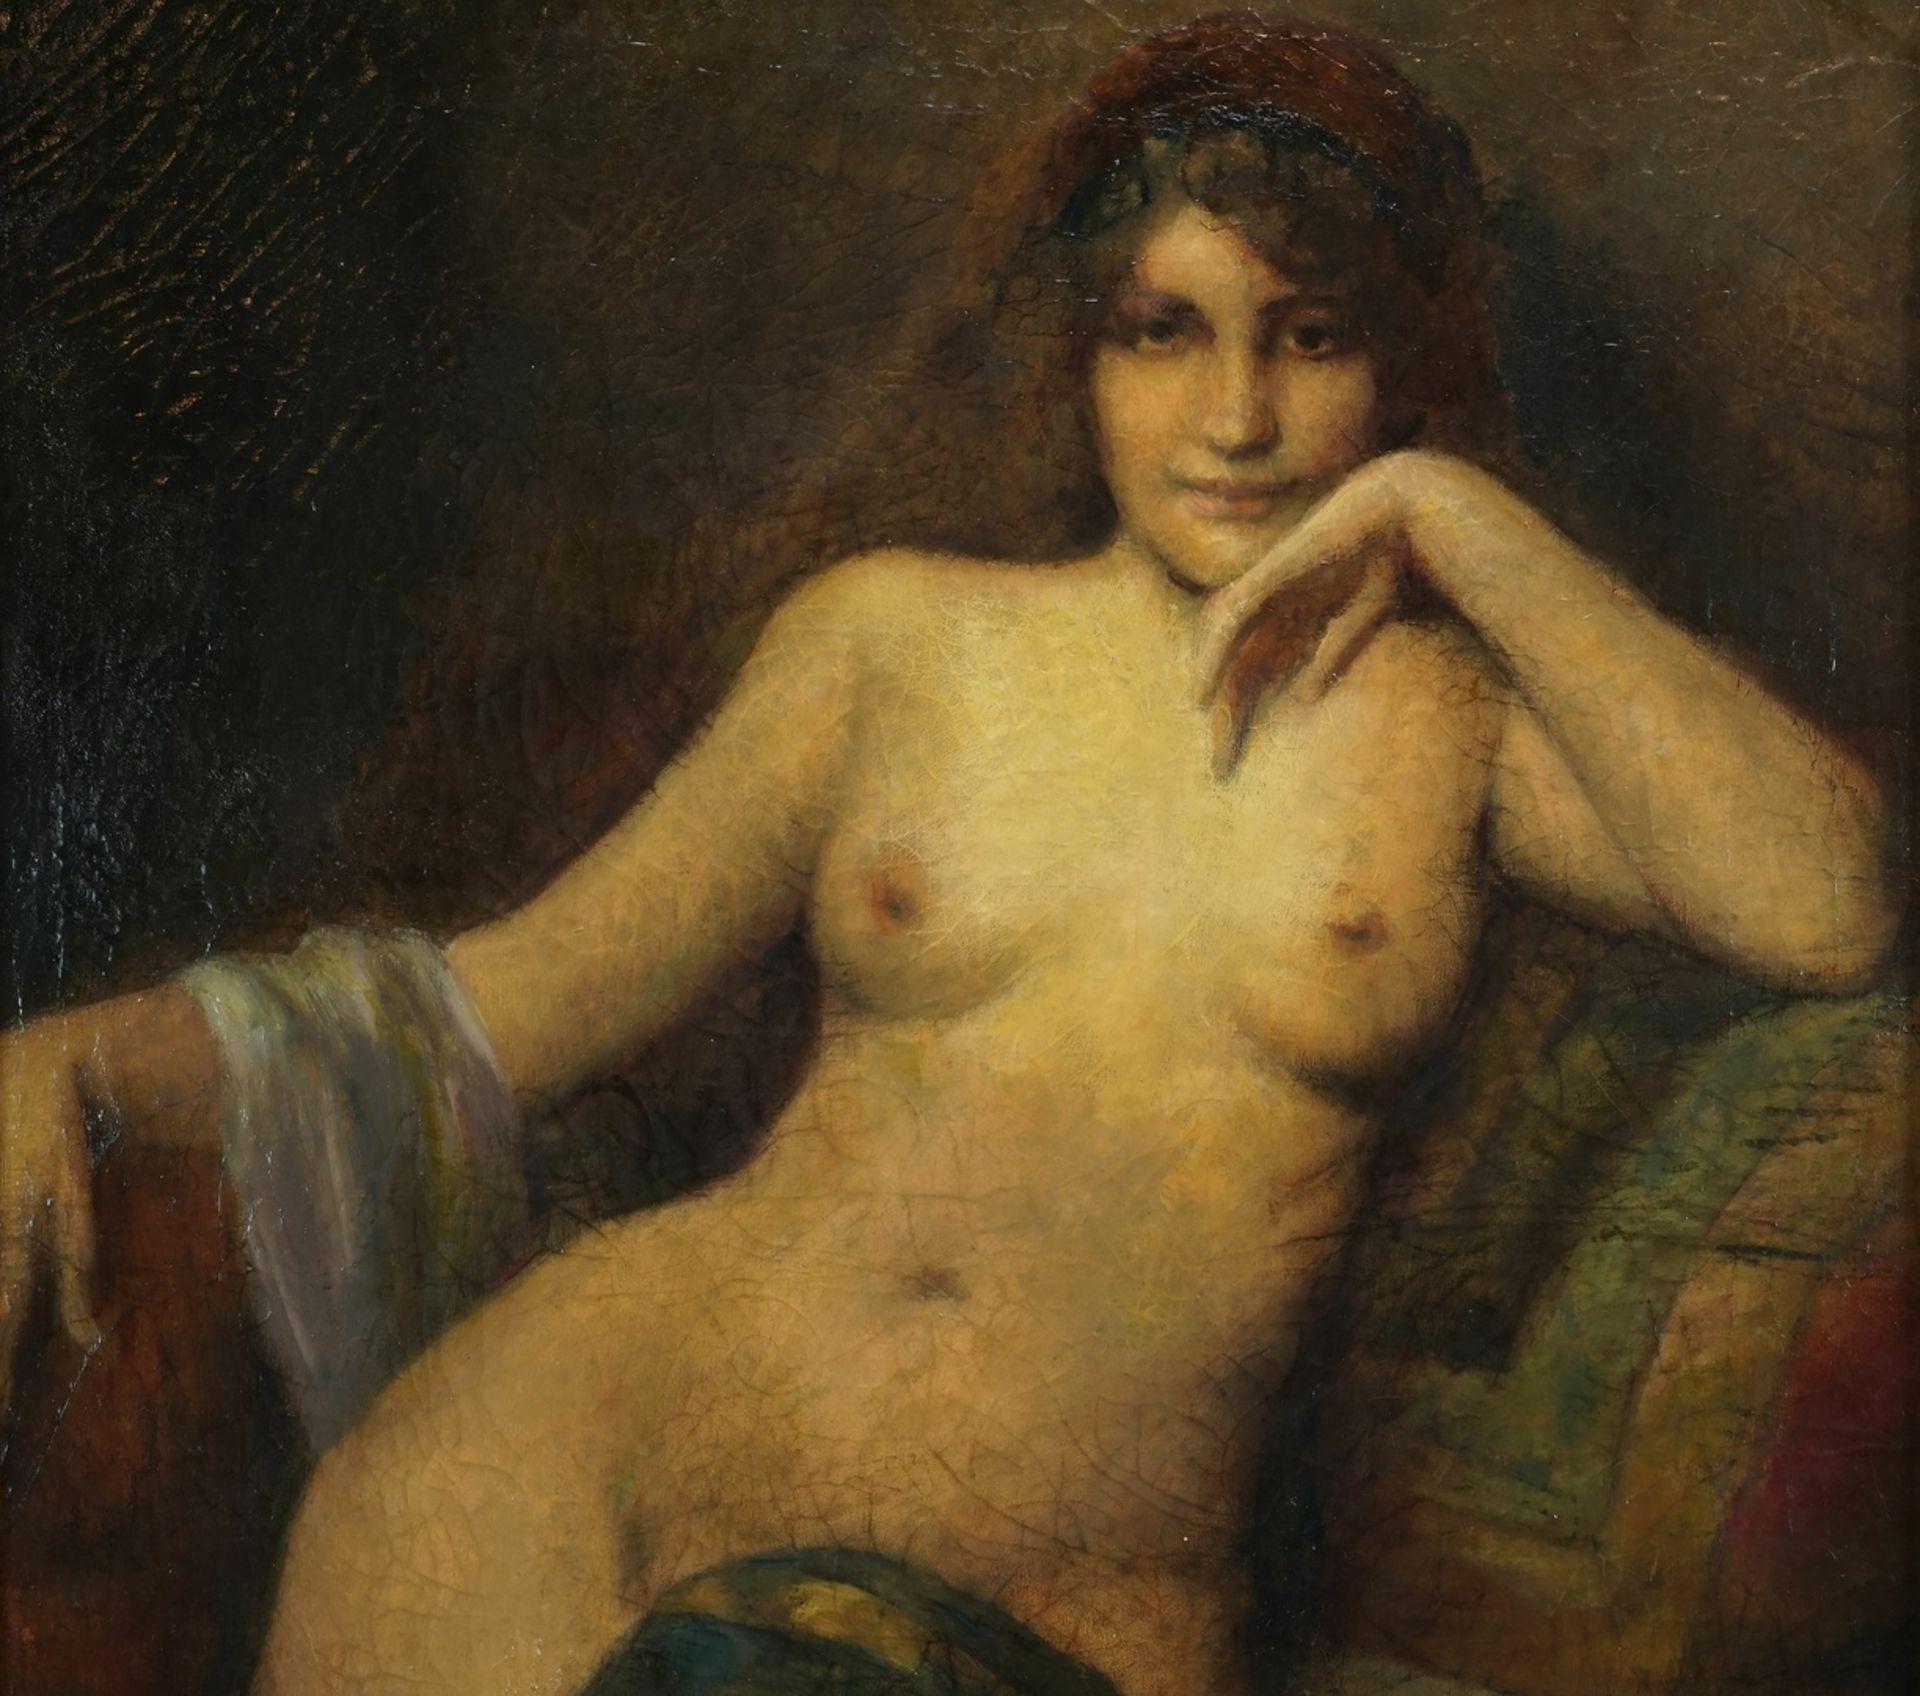 Fabio Fabbi, Orientalisierender weiblicher Akt - Bild 3 aus 5